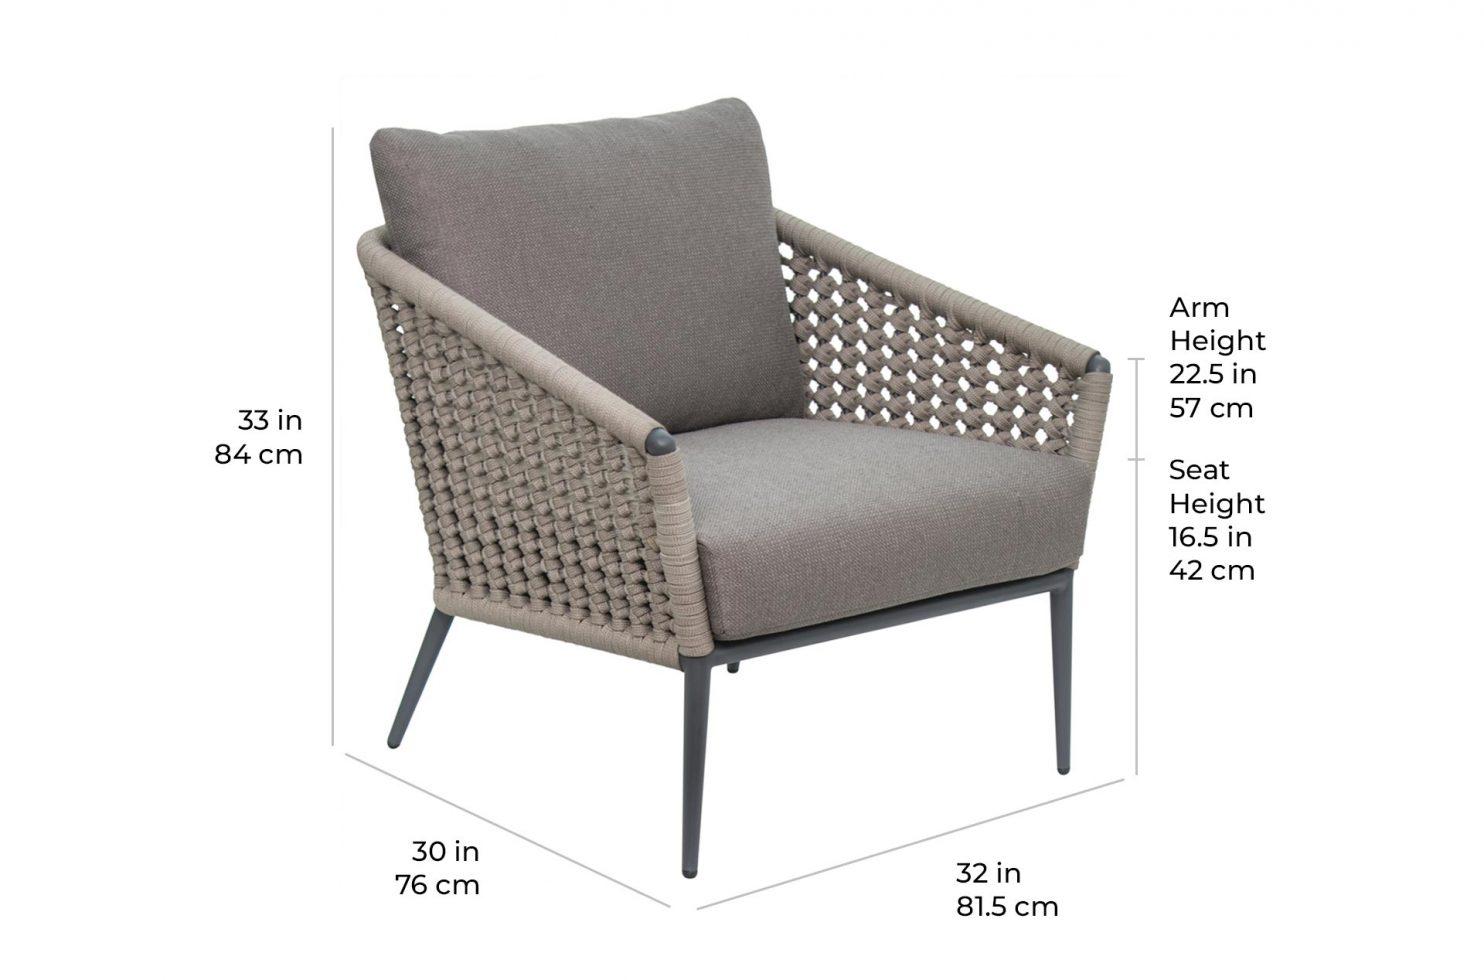 arch antilles chair 620FT017P2 scale dims